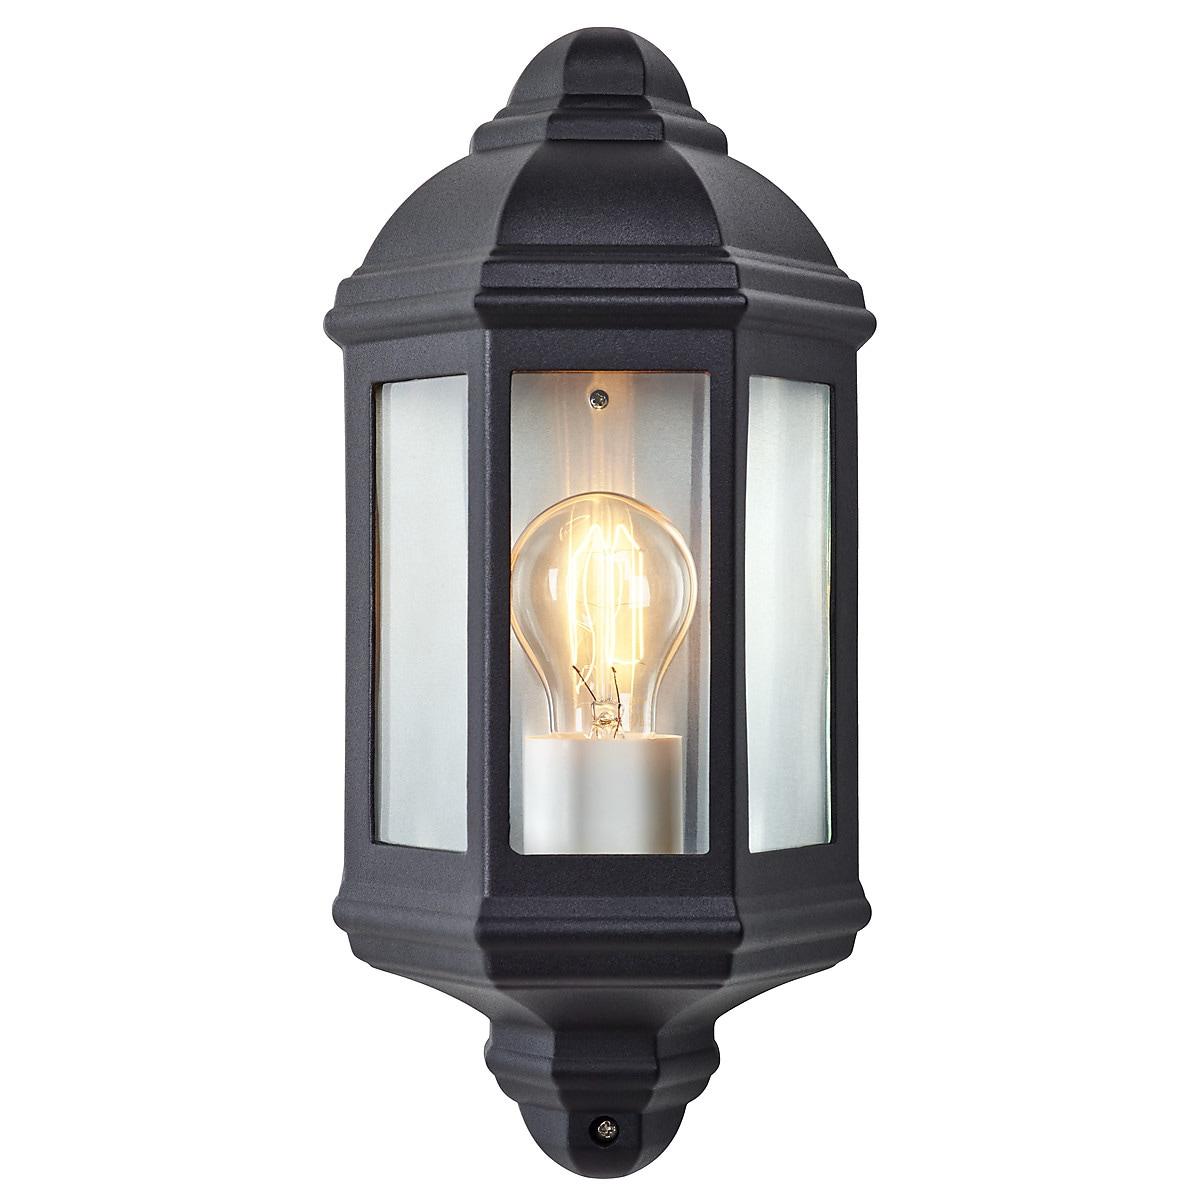 Northlight Outdoor Wall Light